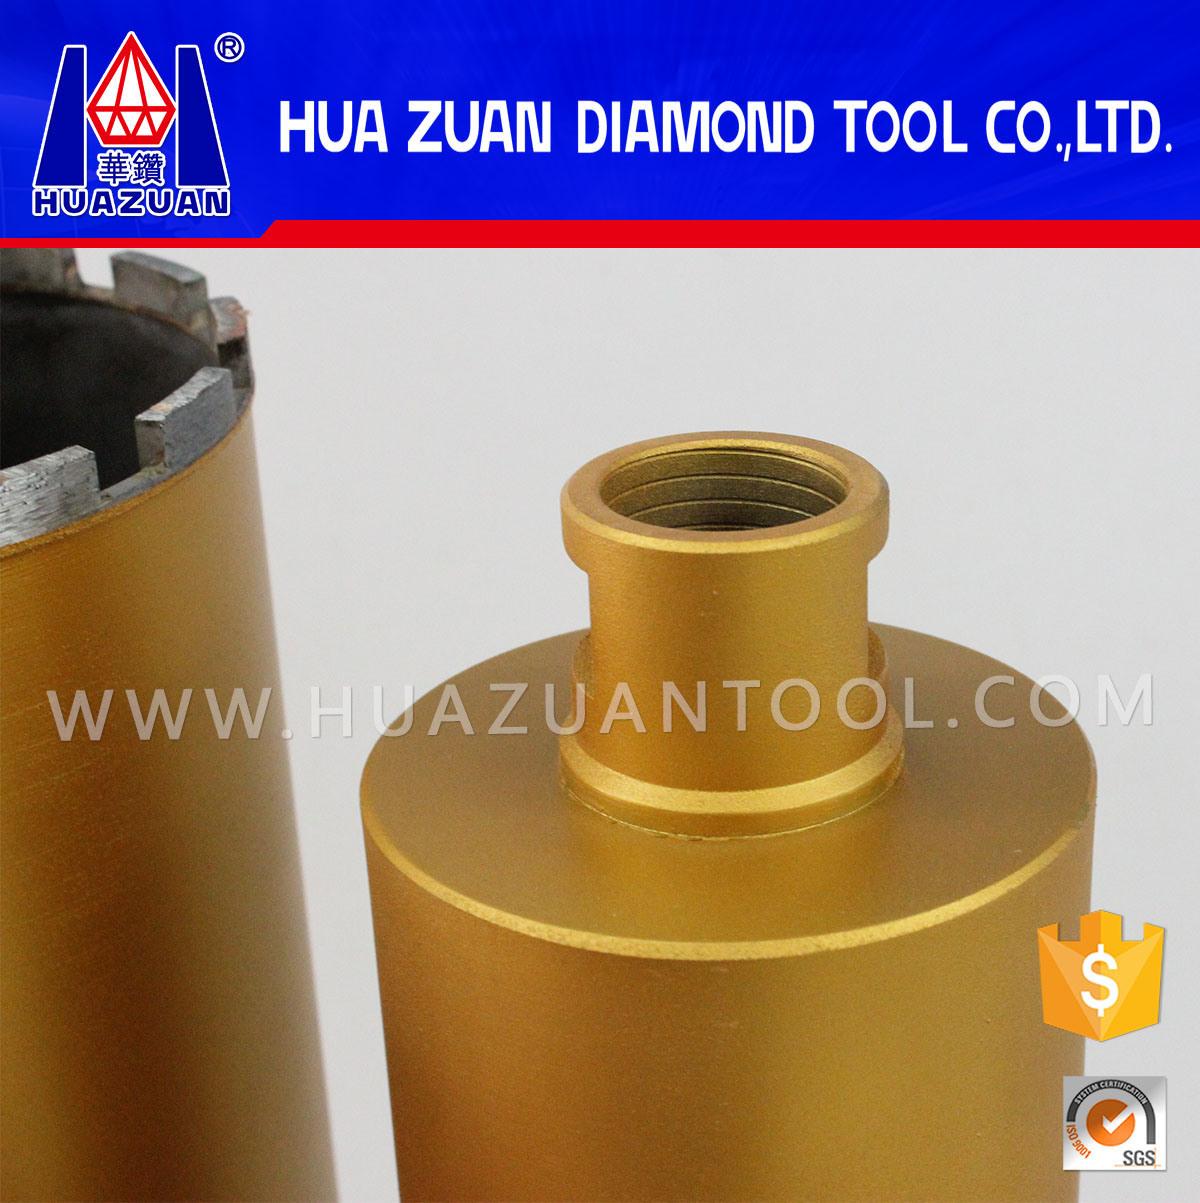 Length 450mm*1-1/4 Unit Diamond Crown for Reinforcement